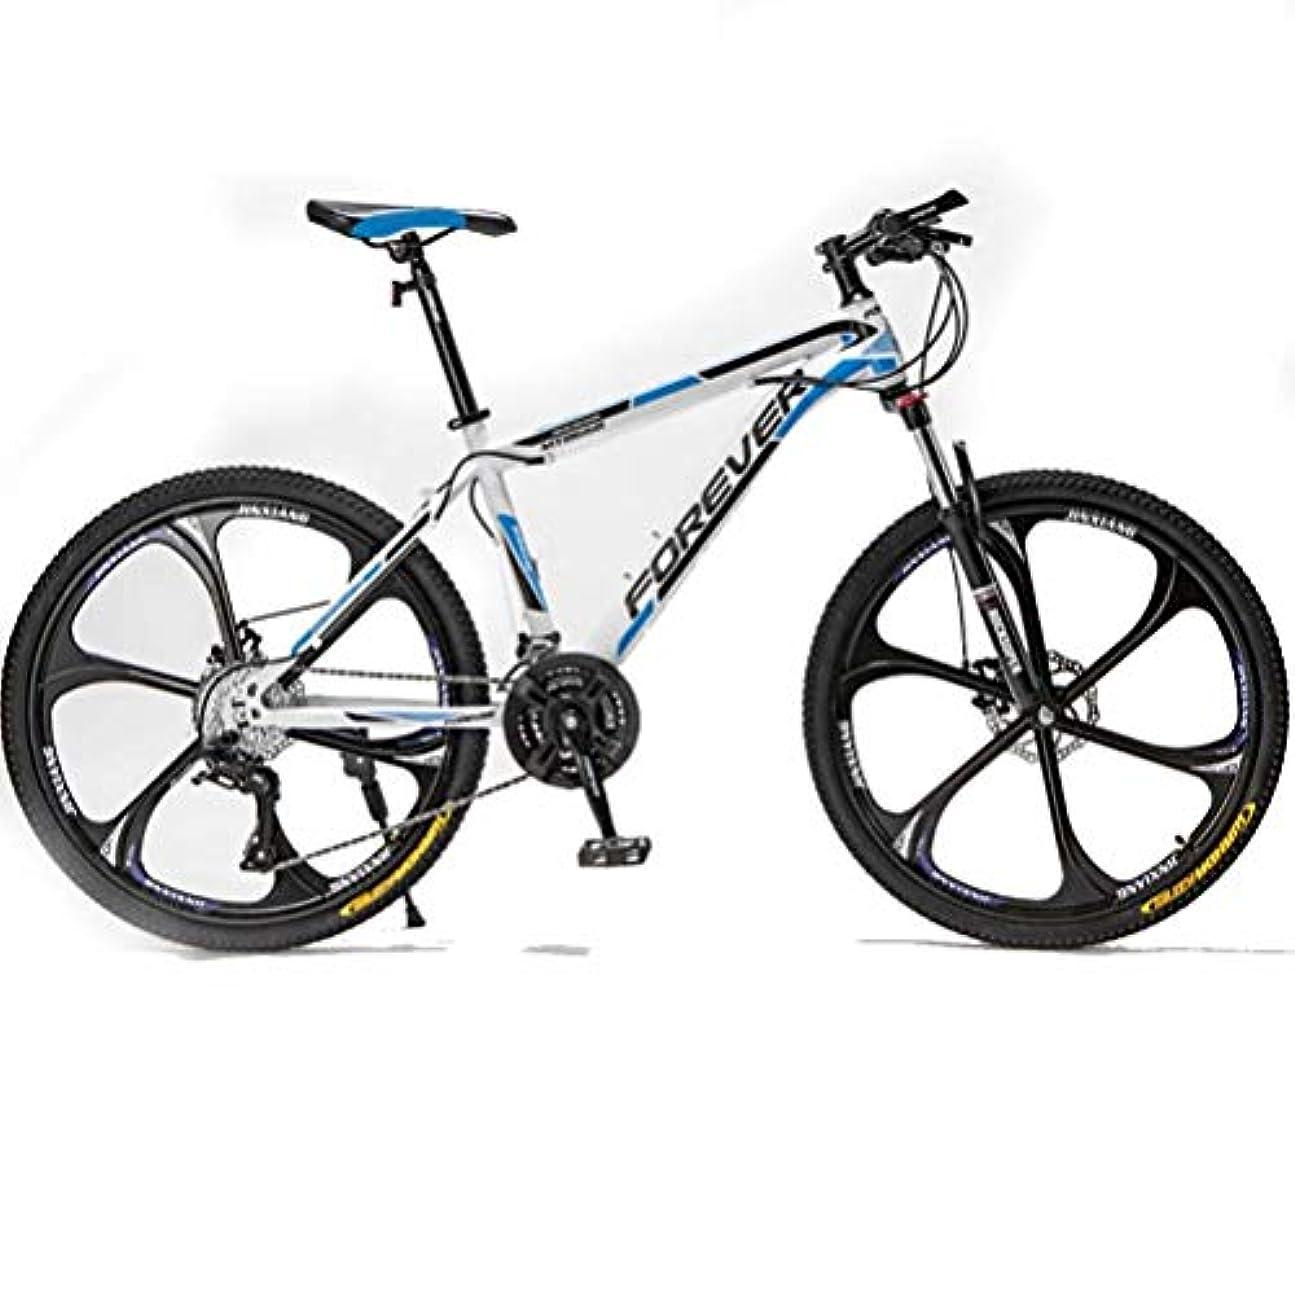 はっきりと和解するドロー自転車 クロスバイク、24/26インチロードバイク、炭素鋼ハードテイル MTB自転車、21/24/27/30段変速 スポーツバイク 通勤通学,ブルー,24 Inch 21 Speed